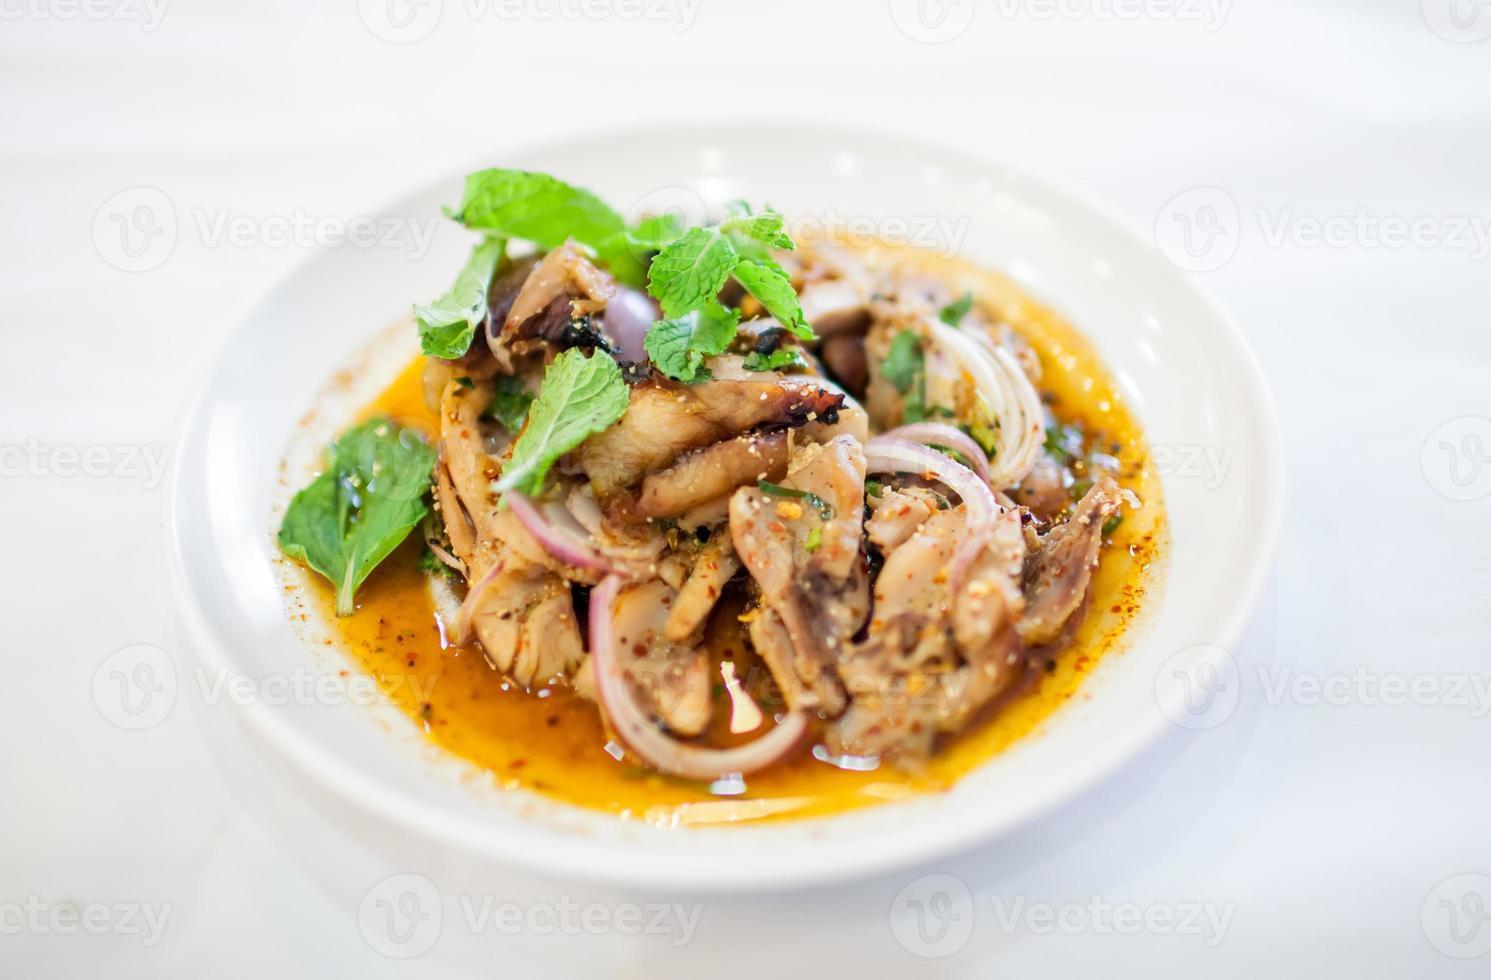 malt kött i thailändsk stil foto